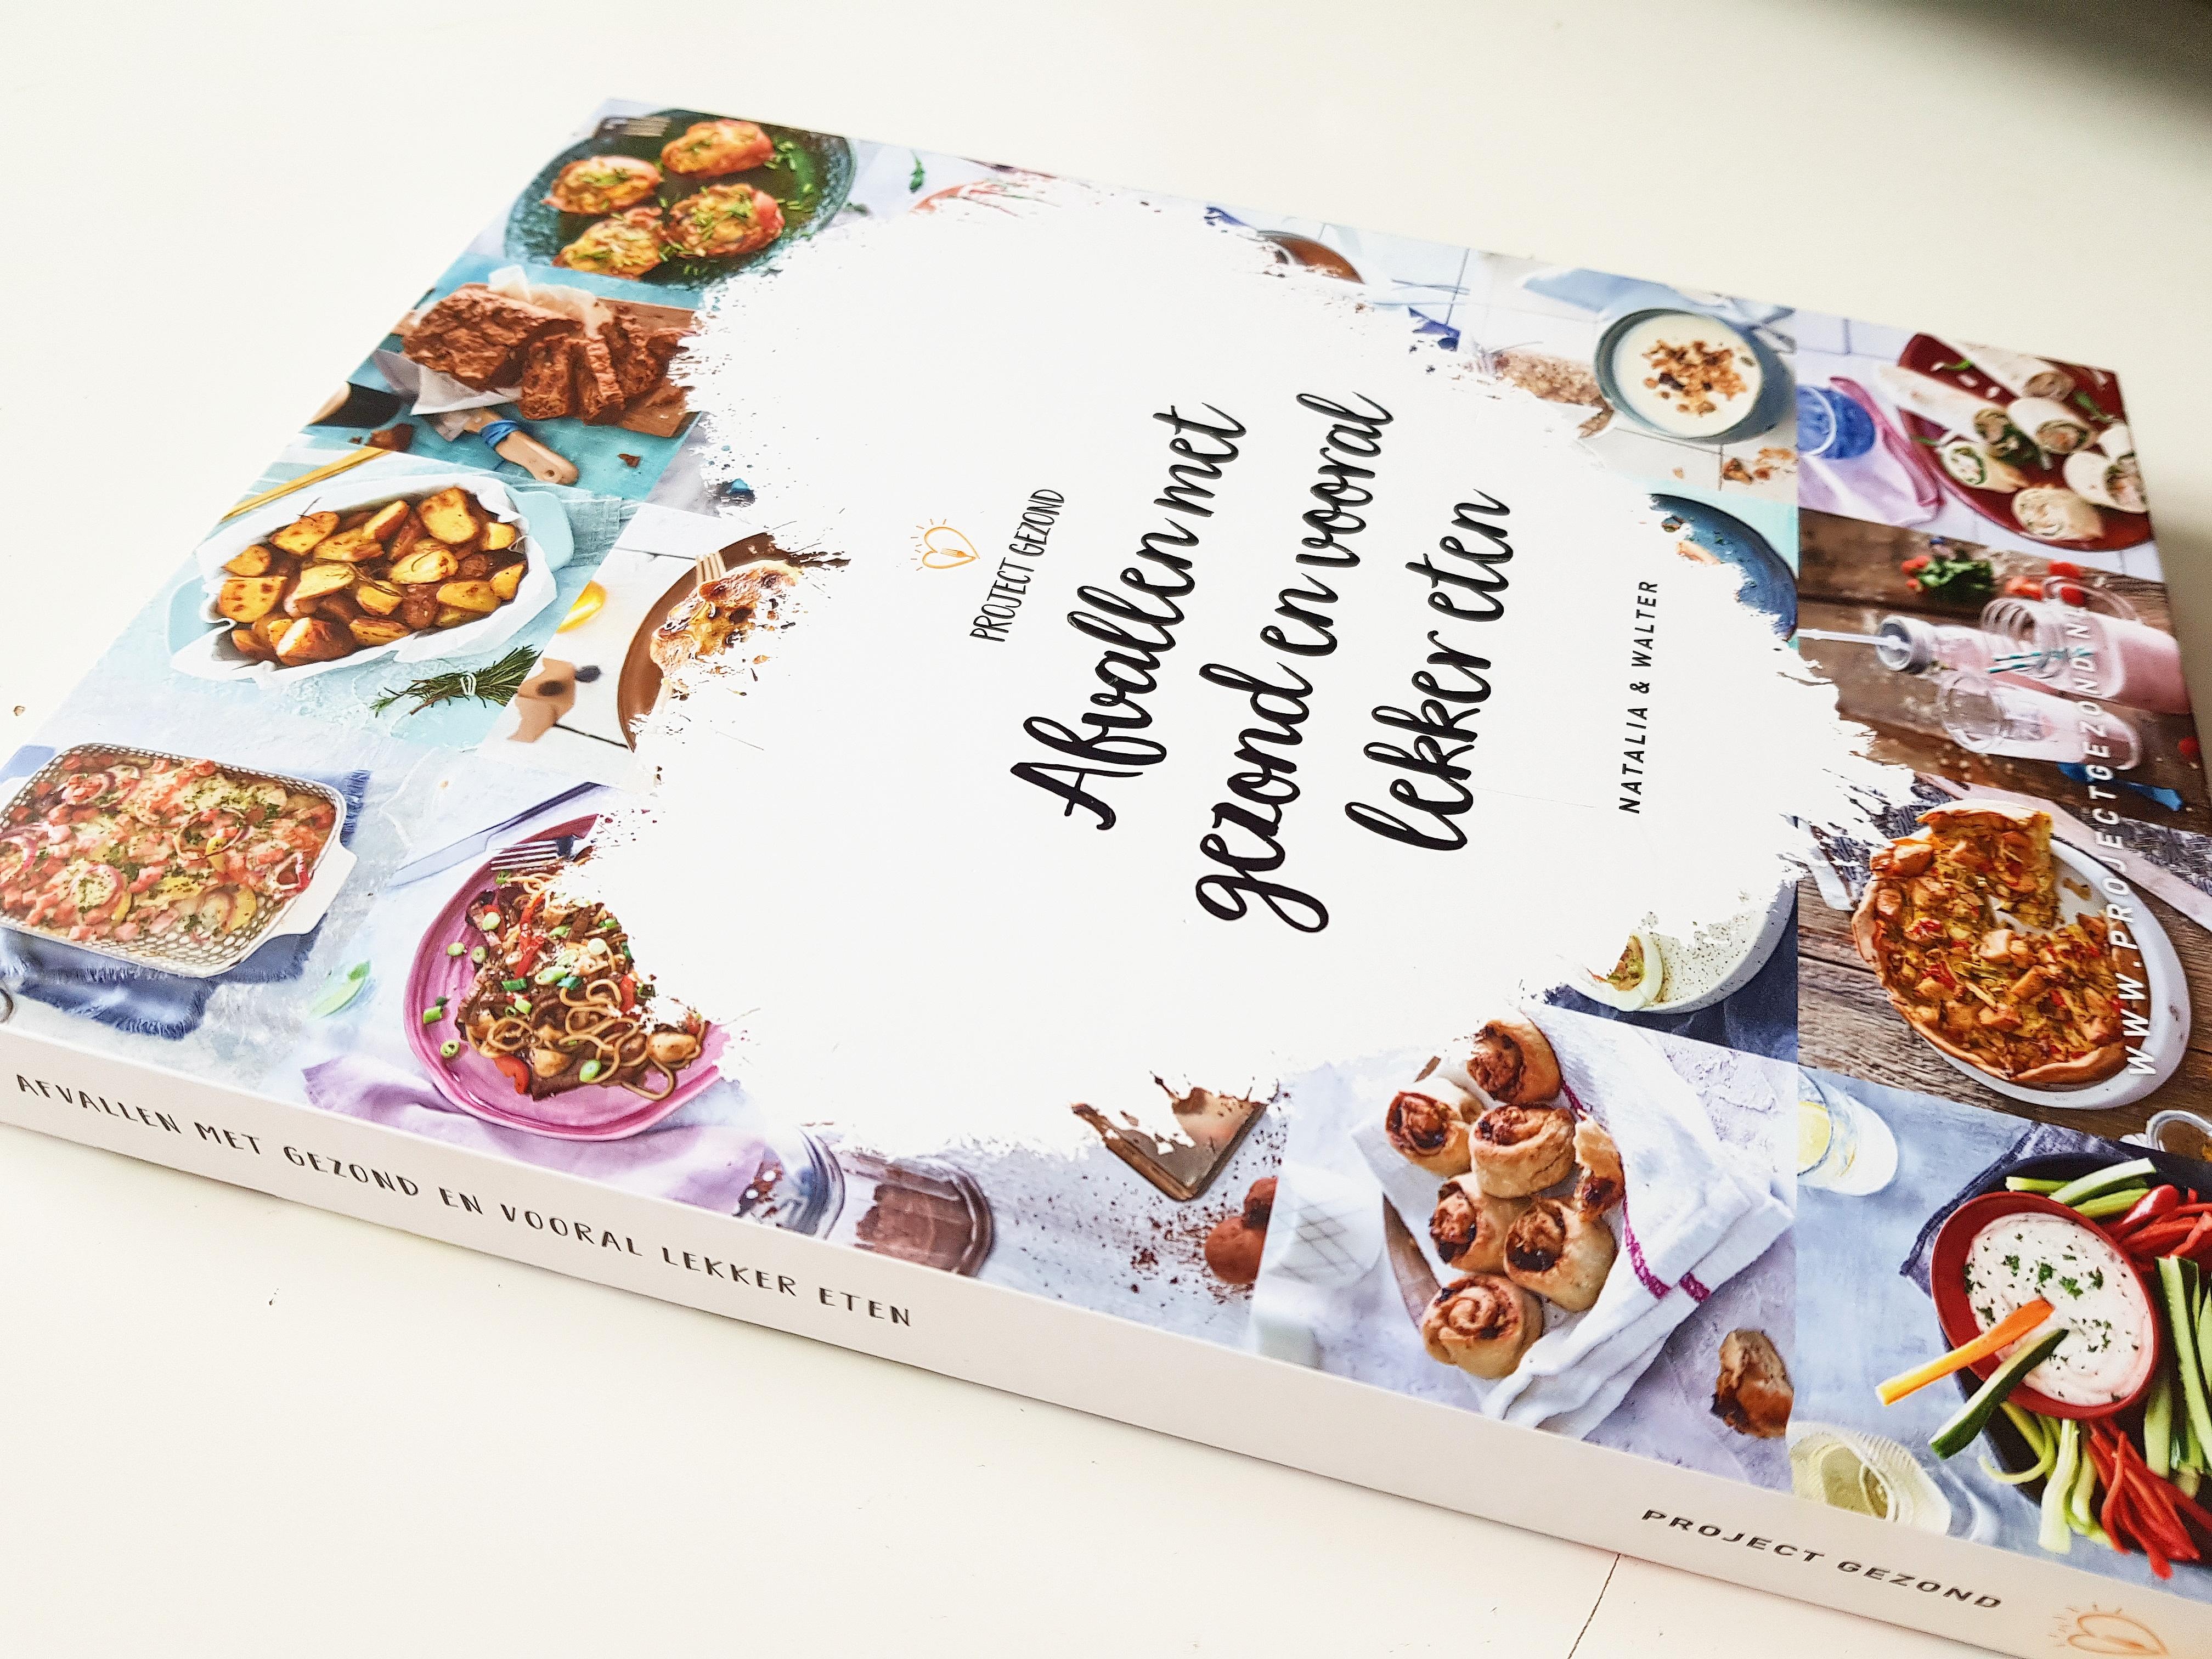 afvallen gezond eten boek